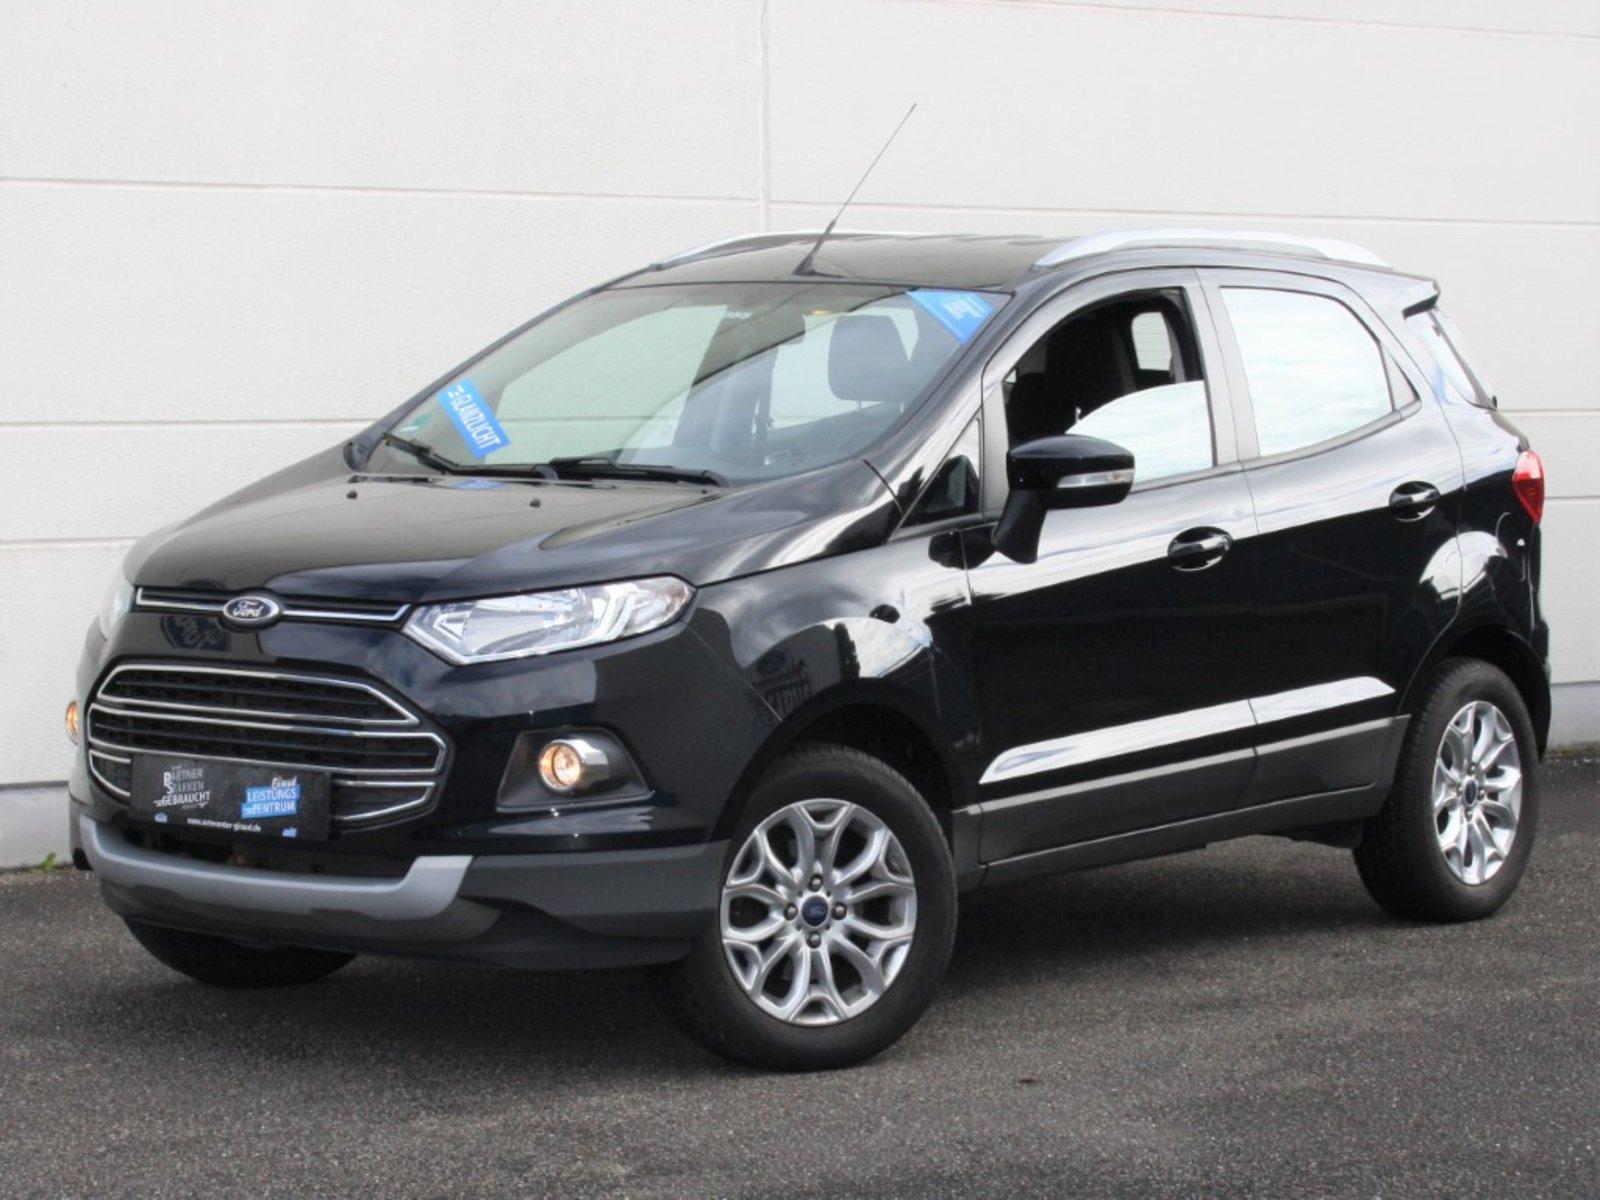 Ford EcoSport 1.0 EB Titanium Klima CD LM-Felgen, Jahr 2015, Benzin